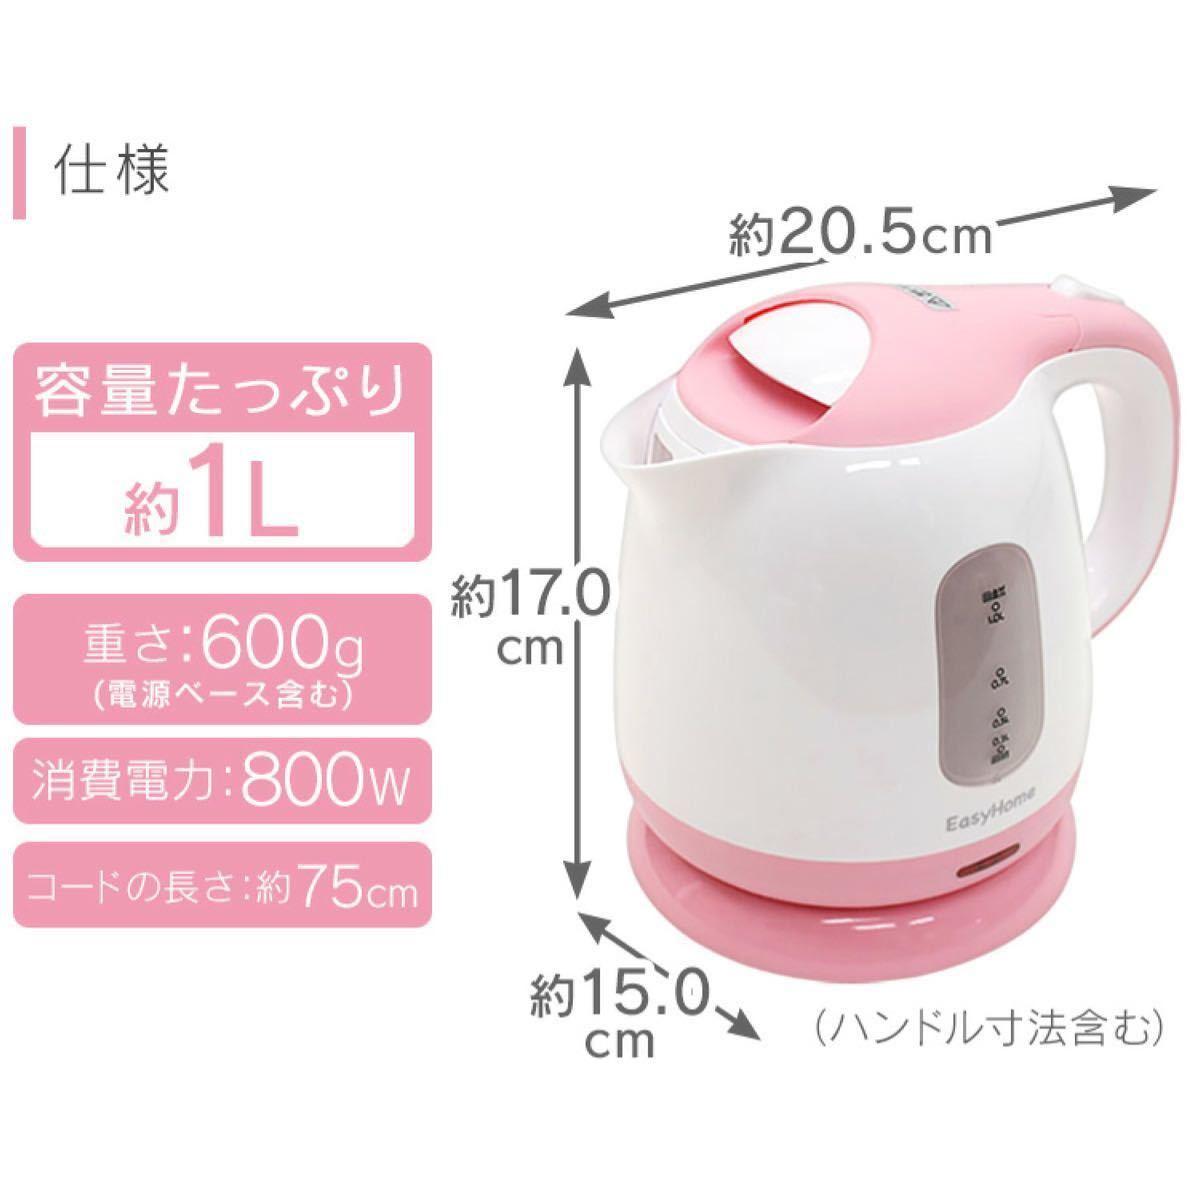 電気ケトル 電気ポット コーヒー 湯沸し器 単身赴任 1L HKT-100